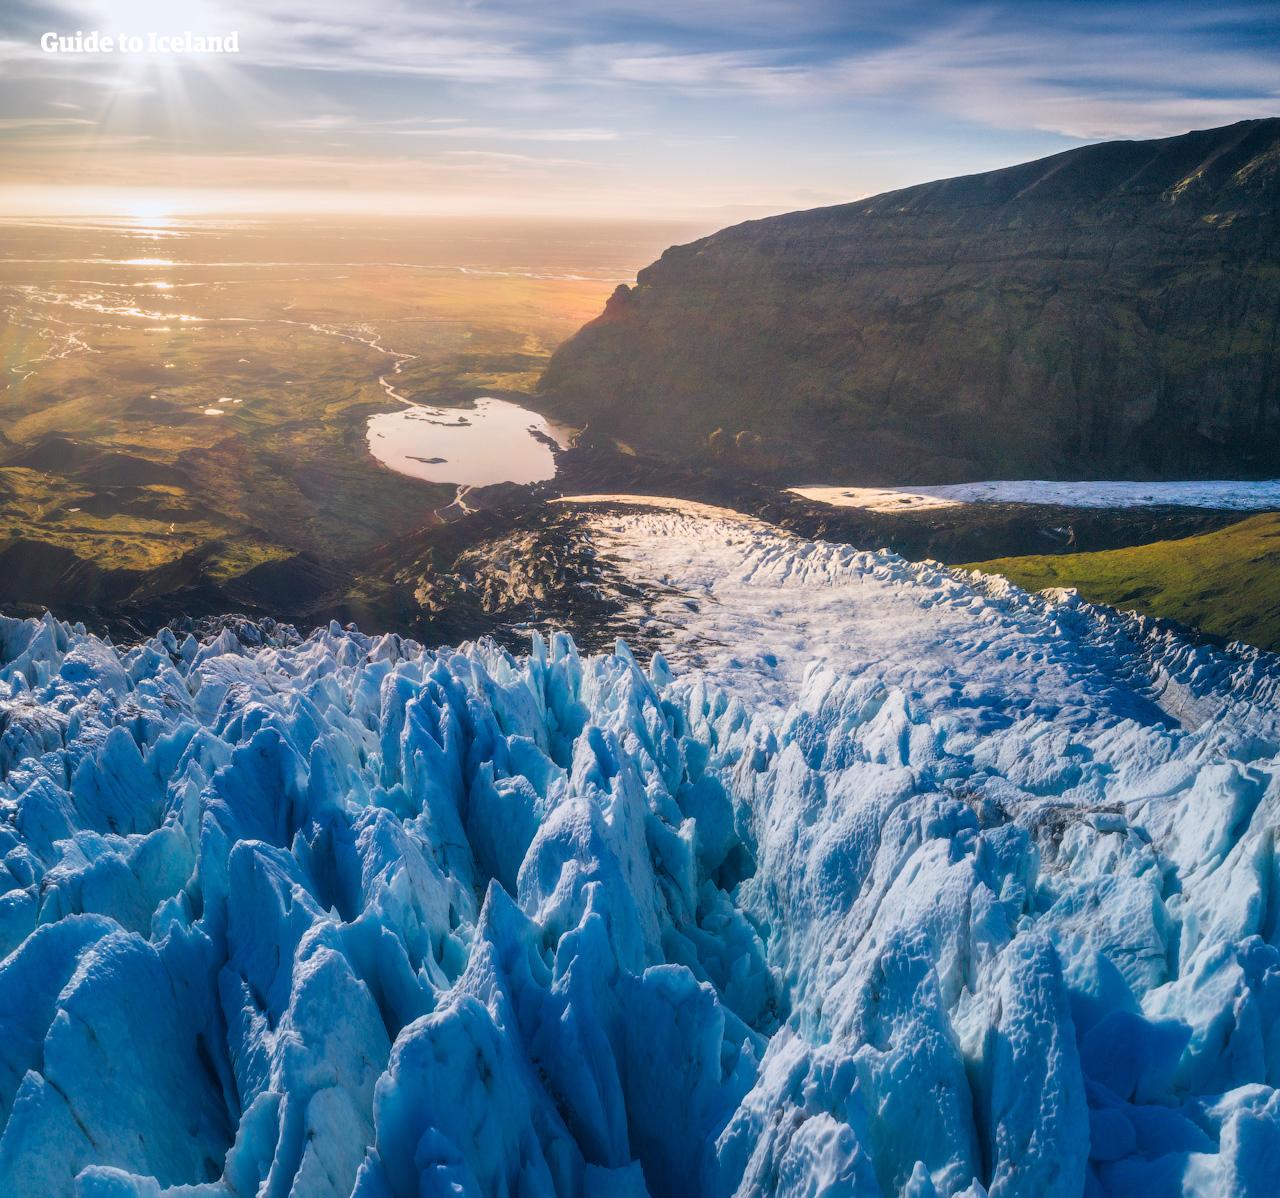 Viaja por la Costa Sur de Islandia con un tour de verano en coche y visita las playas de arena negra, los glaciares blancos y naturaleza.